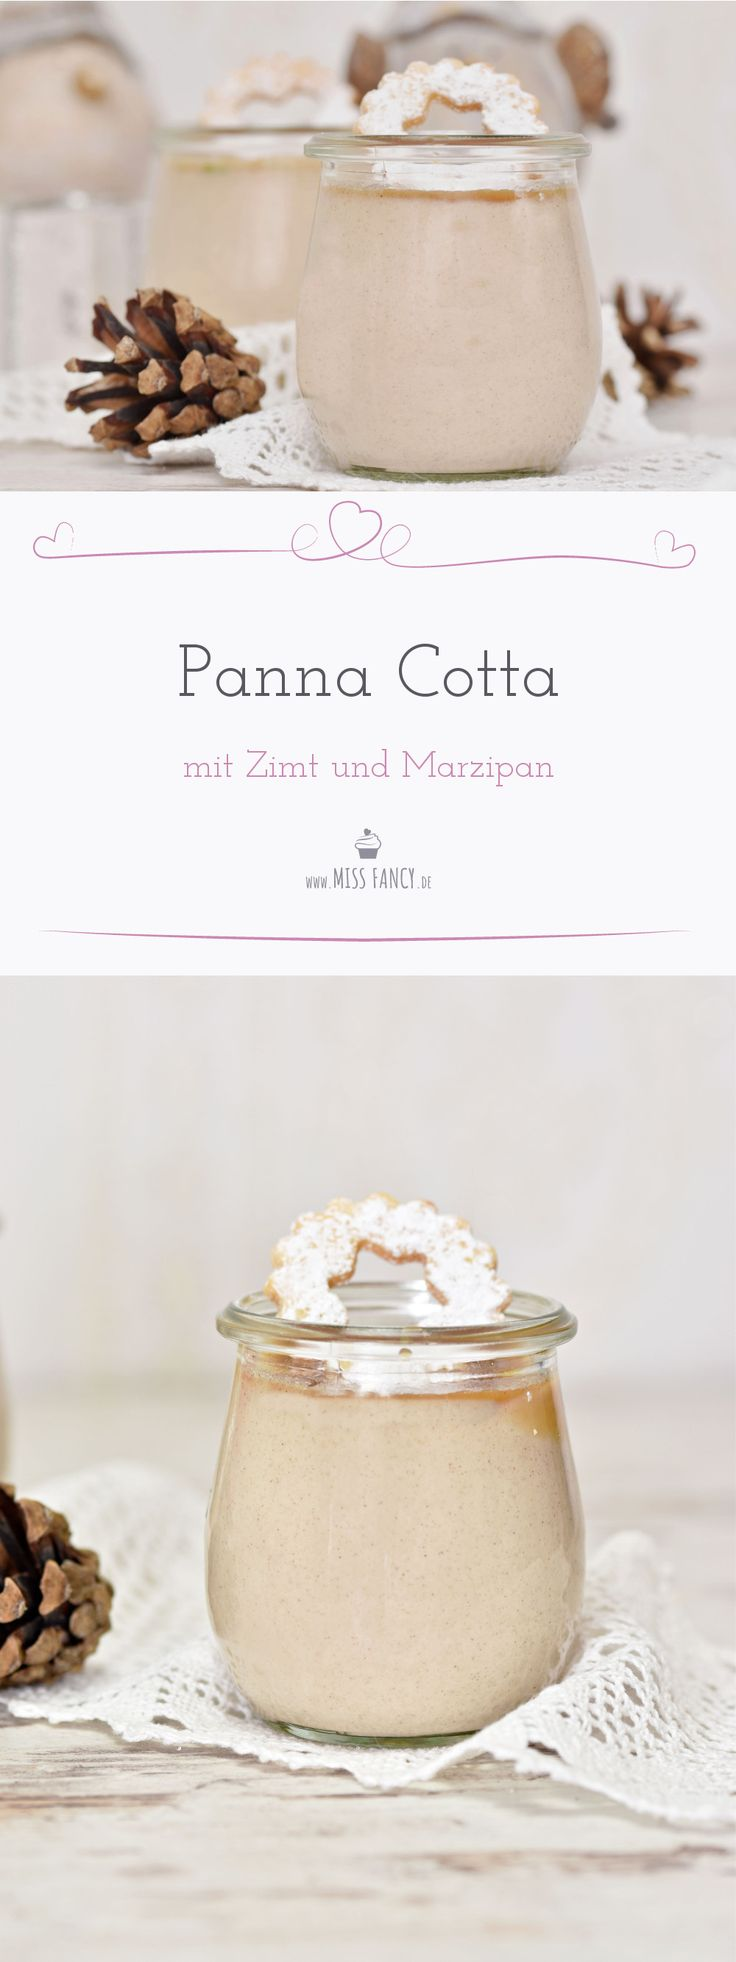 Super leckerer Nachtisch zu Weihnachten ist dieses Panna Cotta mit Marzipan und Zimt.